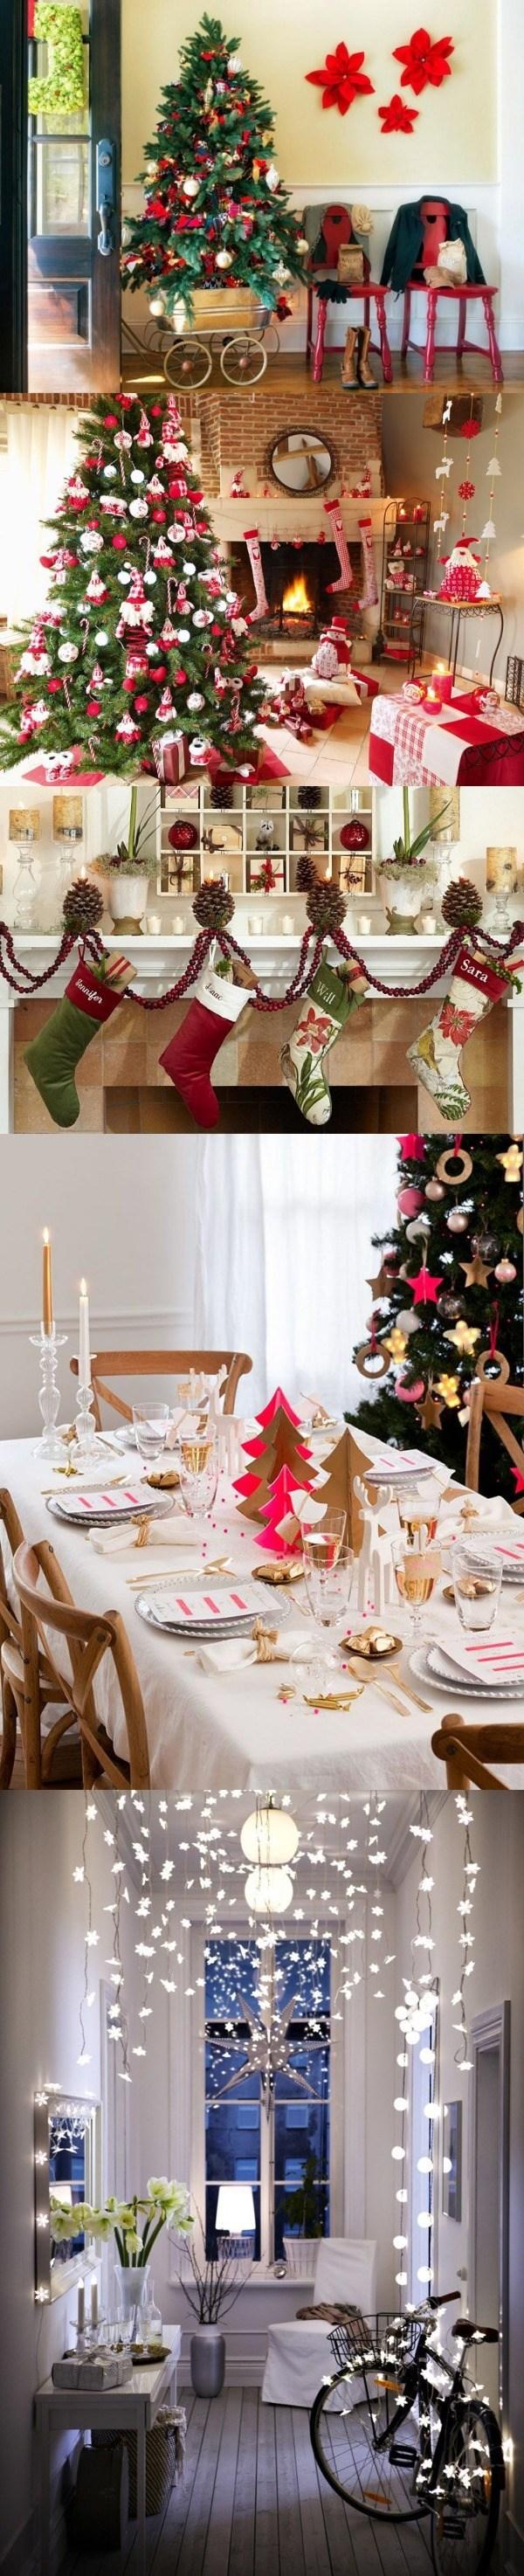 Decoracion navidena 2 diy christmas navidad - Decoracion navidena diy ...